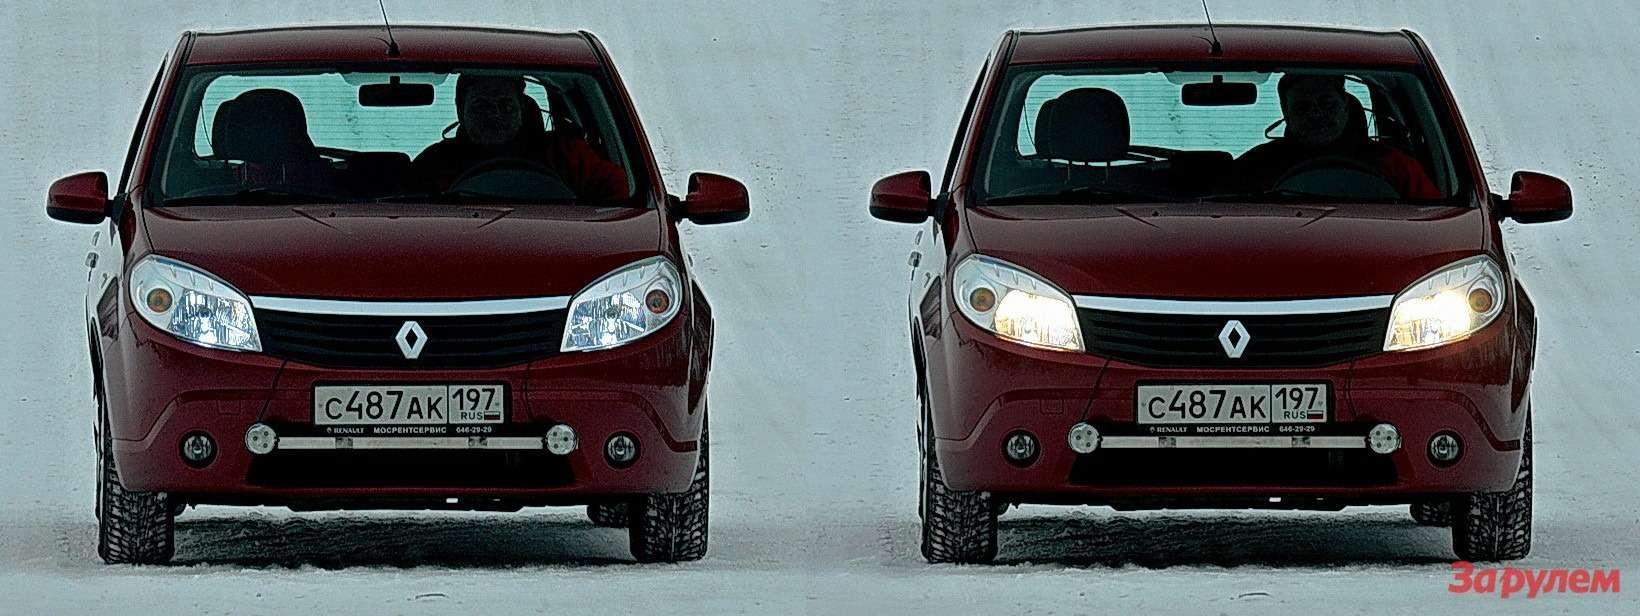 Габаритный огонь,зажженный светодиодной лампой, иштатный ближний свет. Сравнение, безусловно, впользу штатного варианта (справа). Снезаконными светодиодными светильниками автомобиль нетолько непройдет гостехосмотр, ноипотенциально опасен дляокружающих.